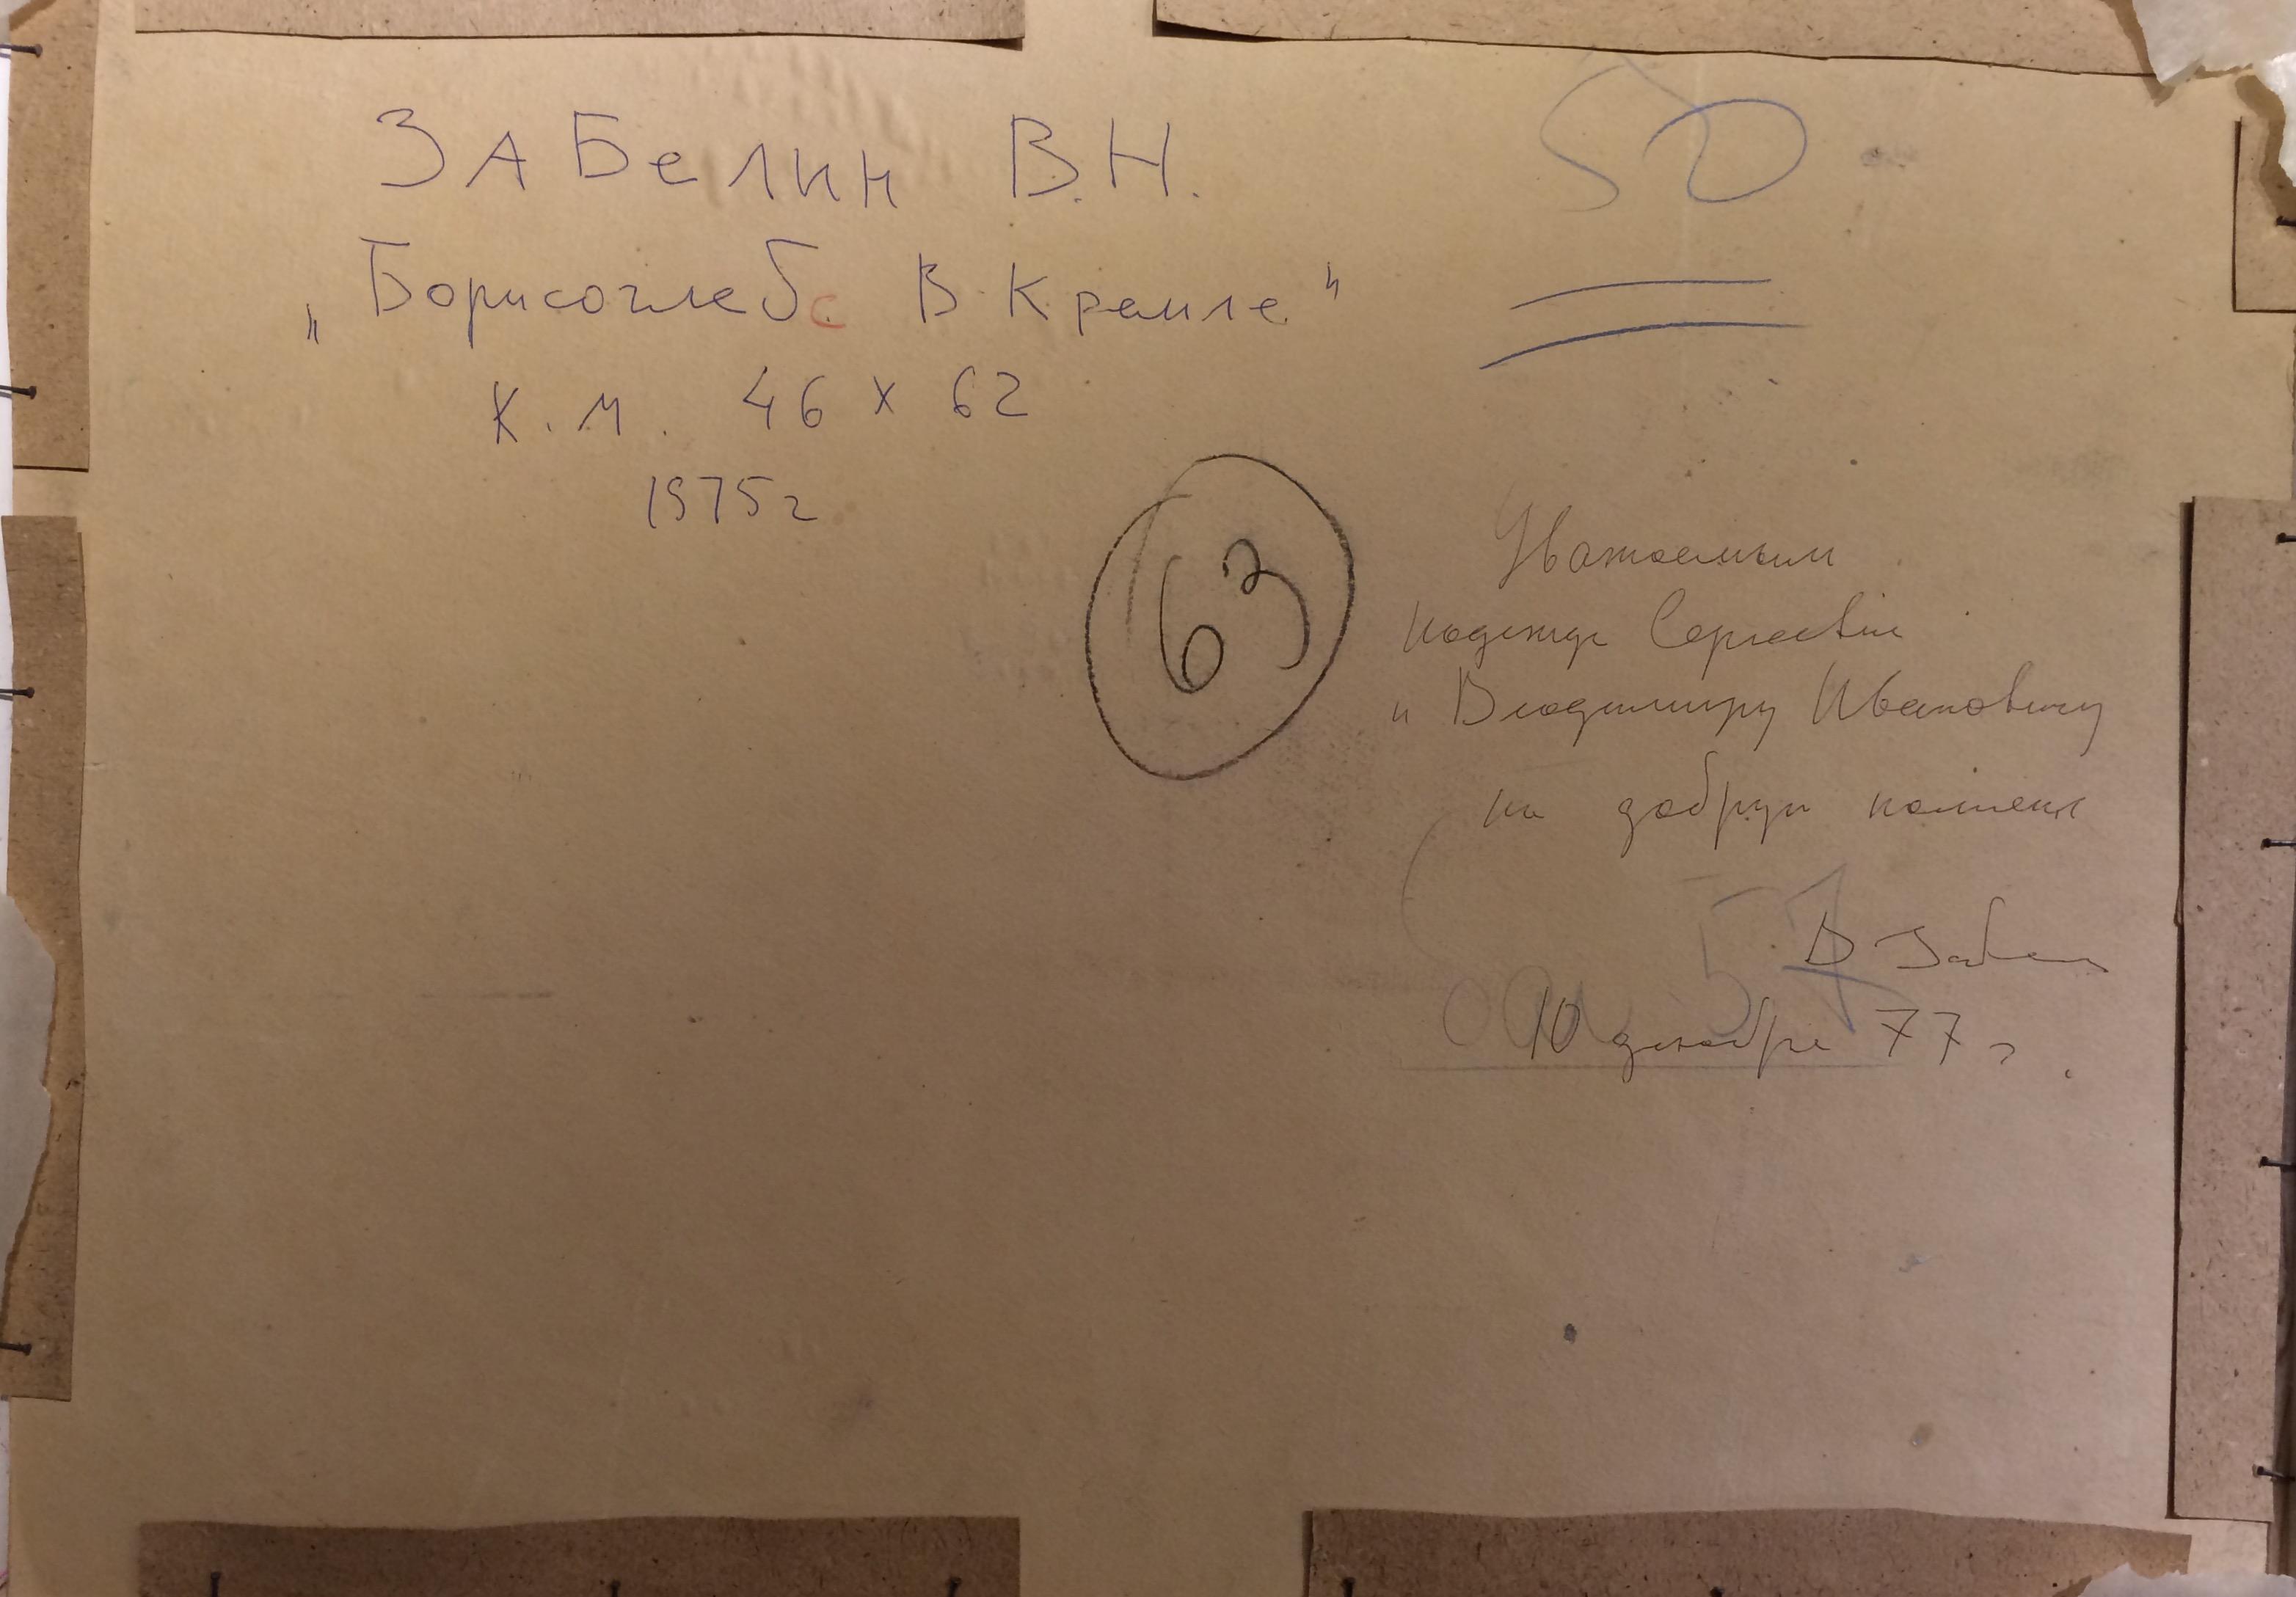 Оборот. Забелин Вячеслав Николаевич. Борисоглебск. В Кремле.